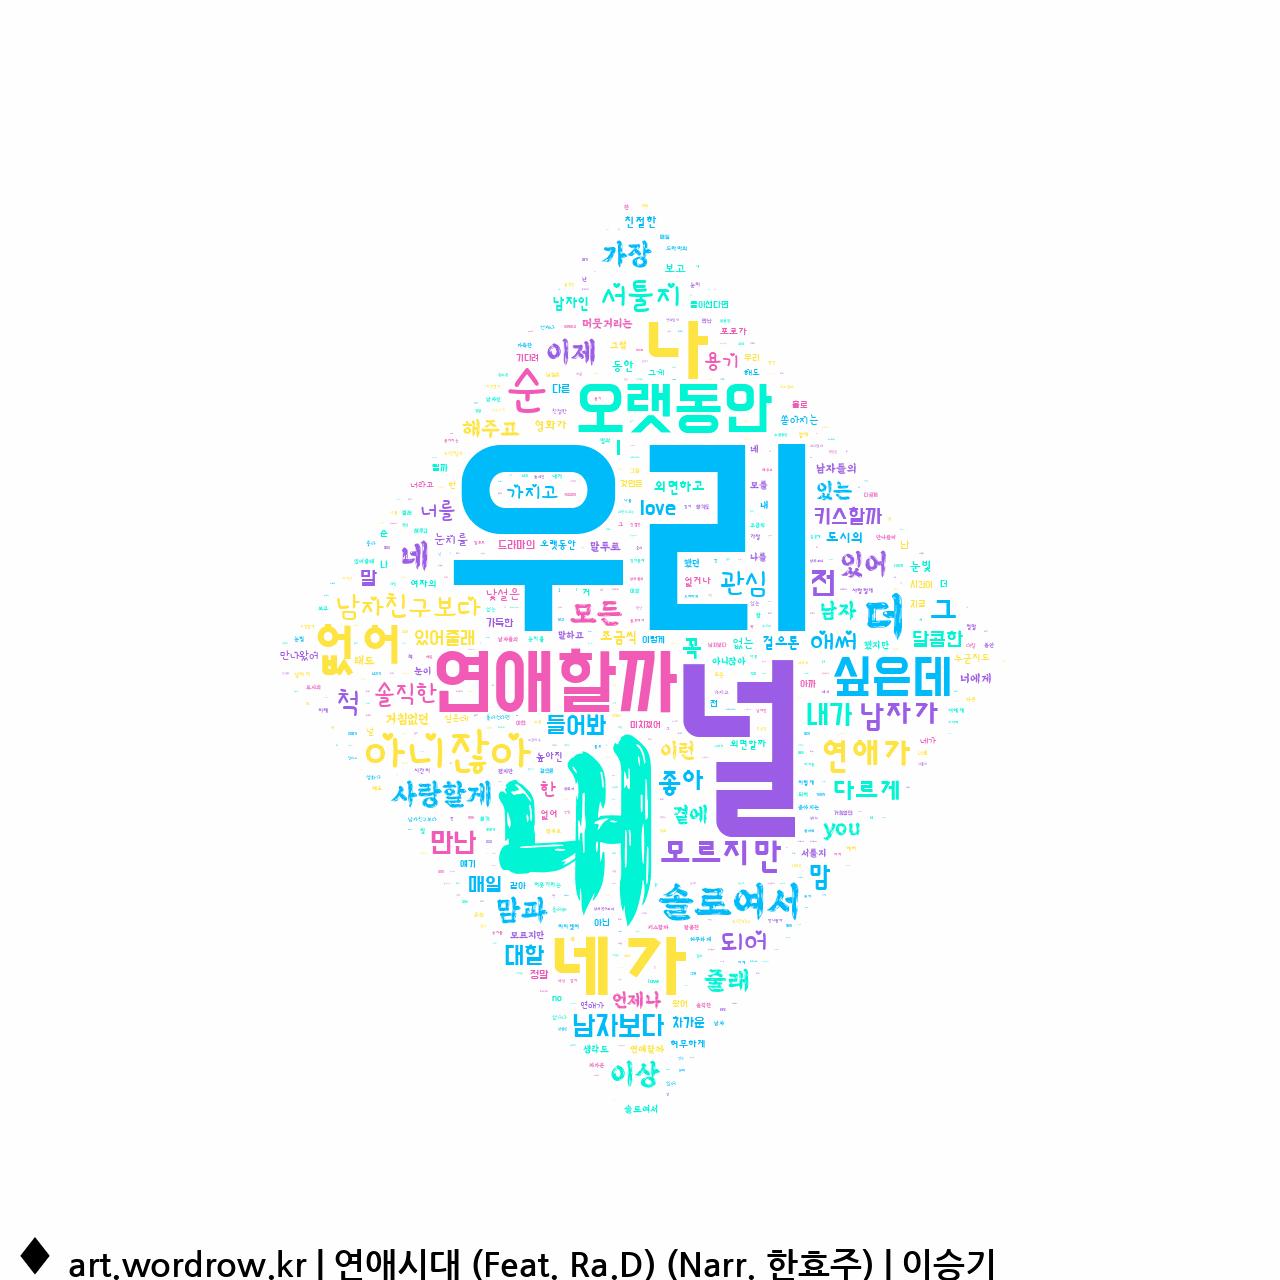 워드 클라우드: 연애시대 (Feat. Ra.D) (Narr. 한효주) [이승기]-72